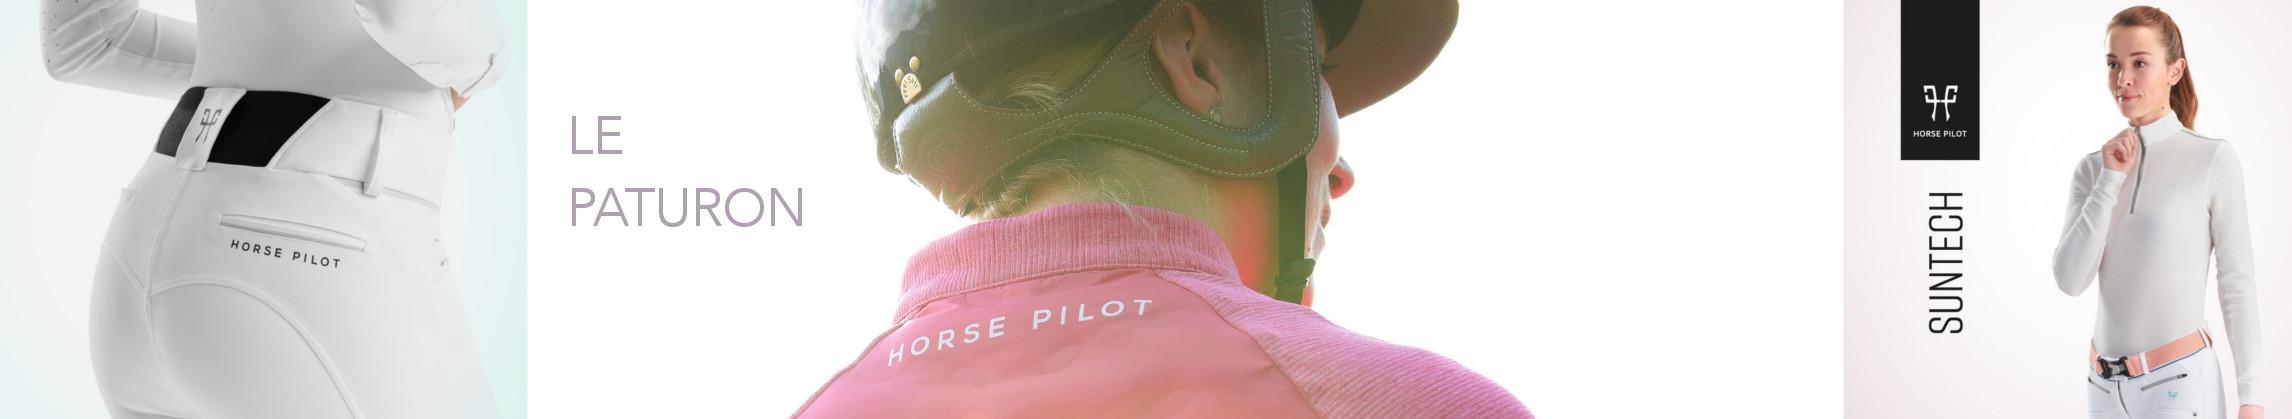 Horse Pilot - Le Paturon